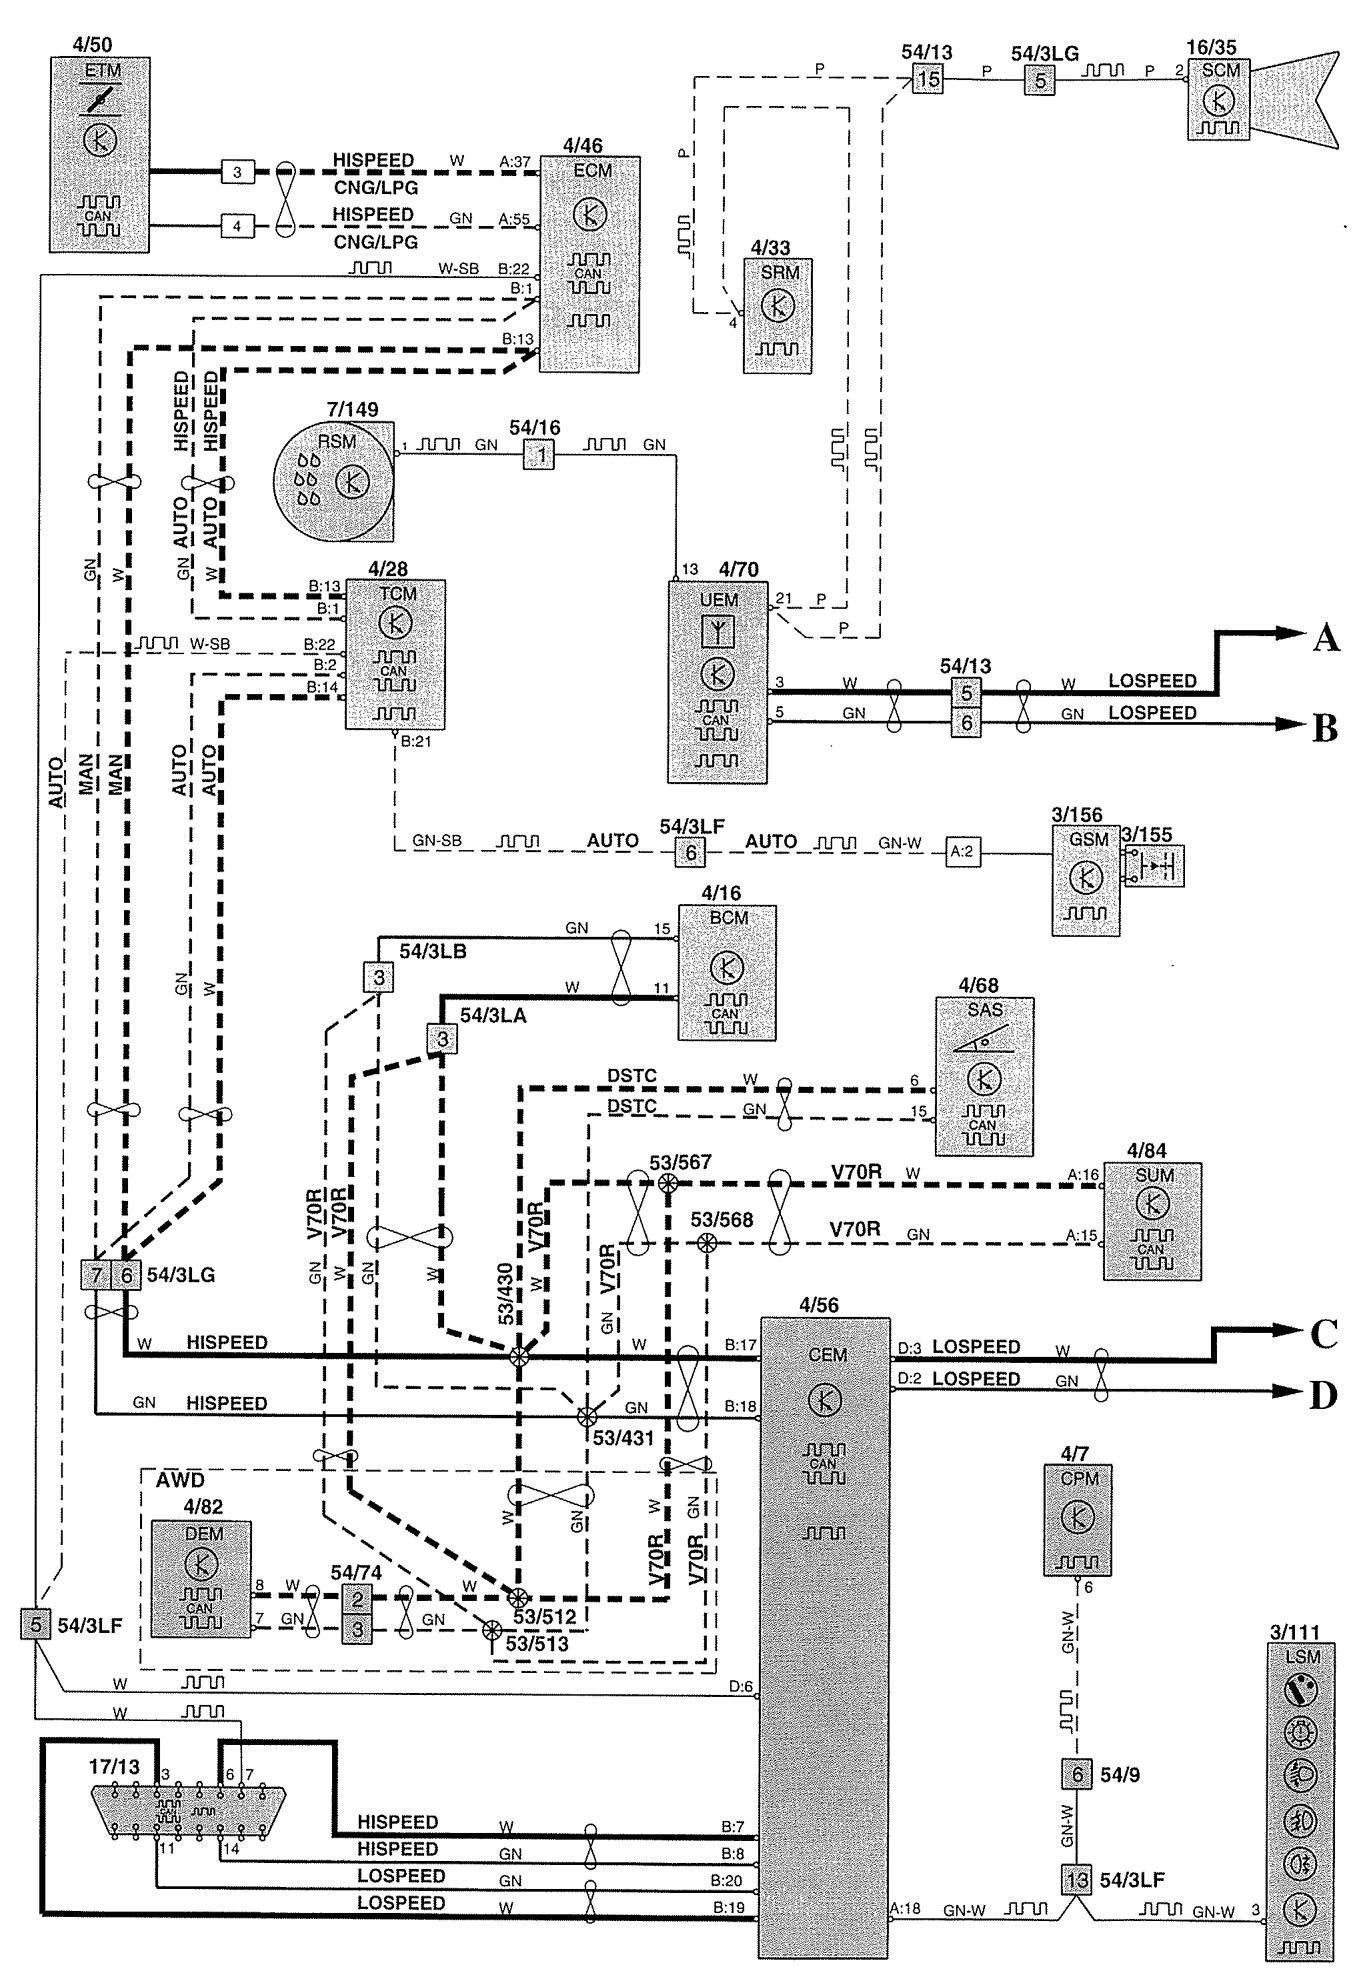 Volvo V70 2 5 Tdi Wiring Diagram: Volvo s d wiring diagram